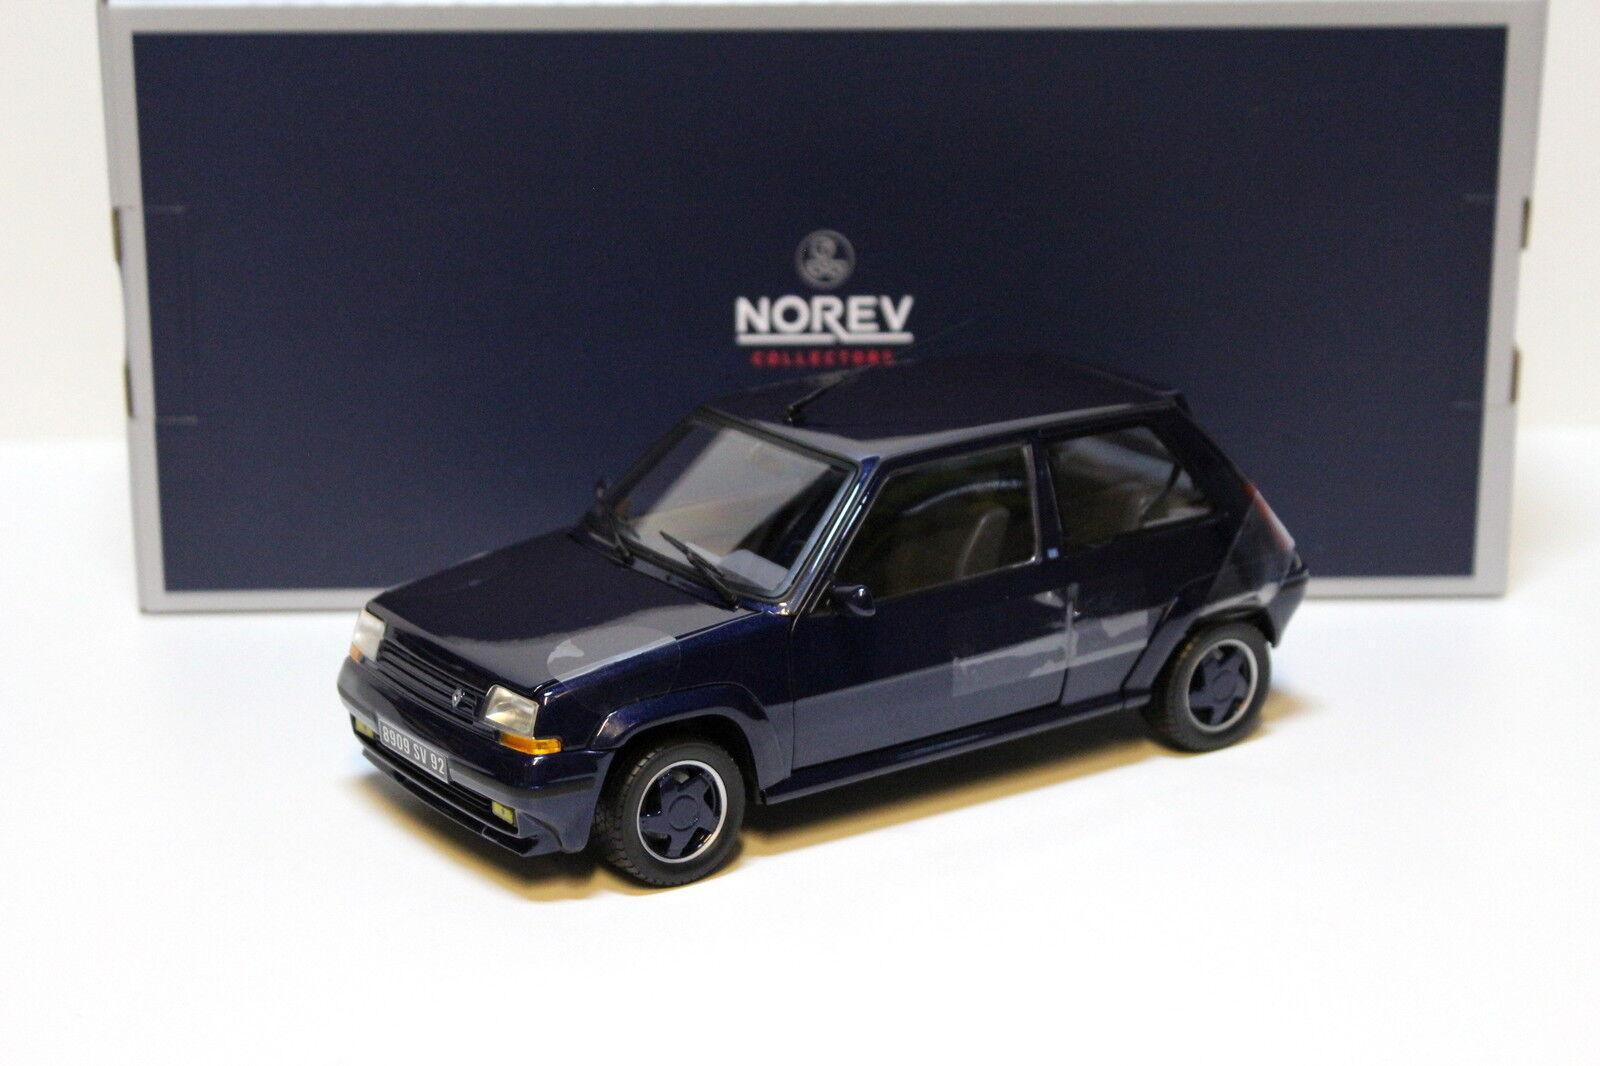 Envio gratis en todas las ordenes 1 18 norev renault súpercinq súpercinq súpercinq GT Turbo 1989-azul New en Premium-modelCoches  marcas en línea venta barata